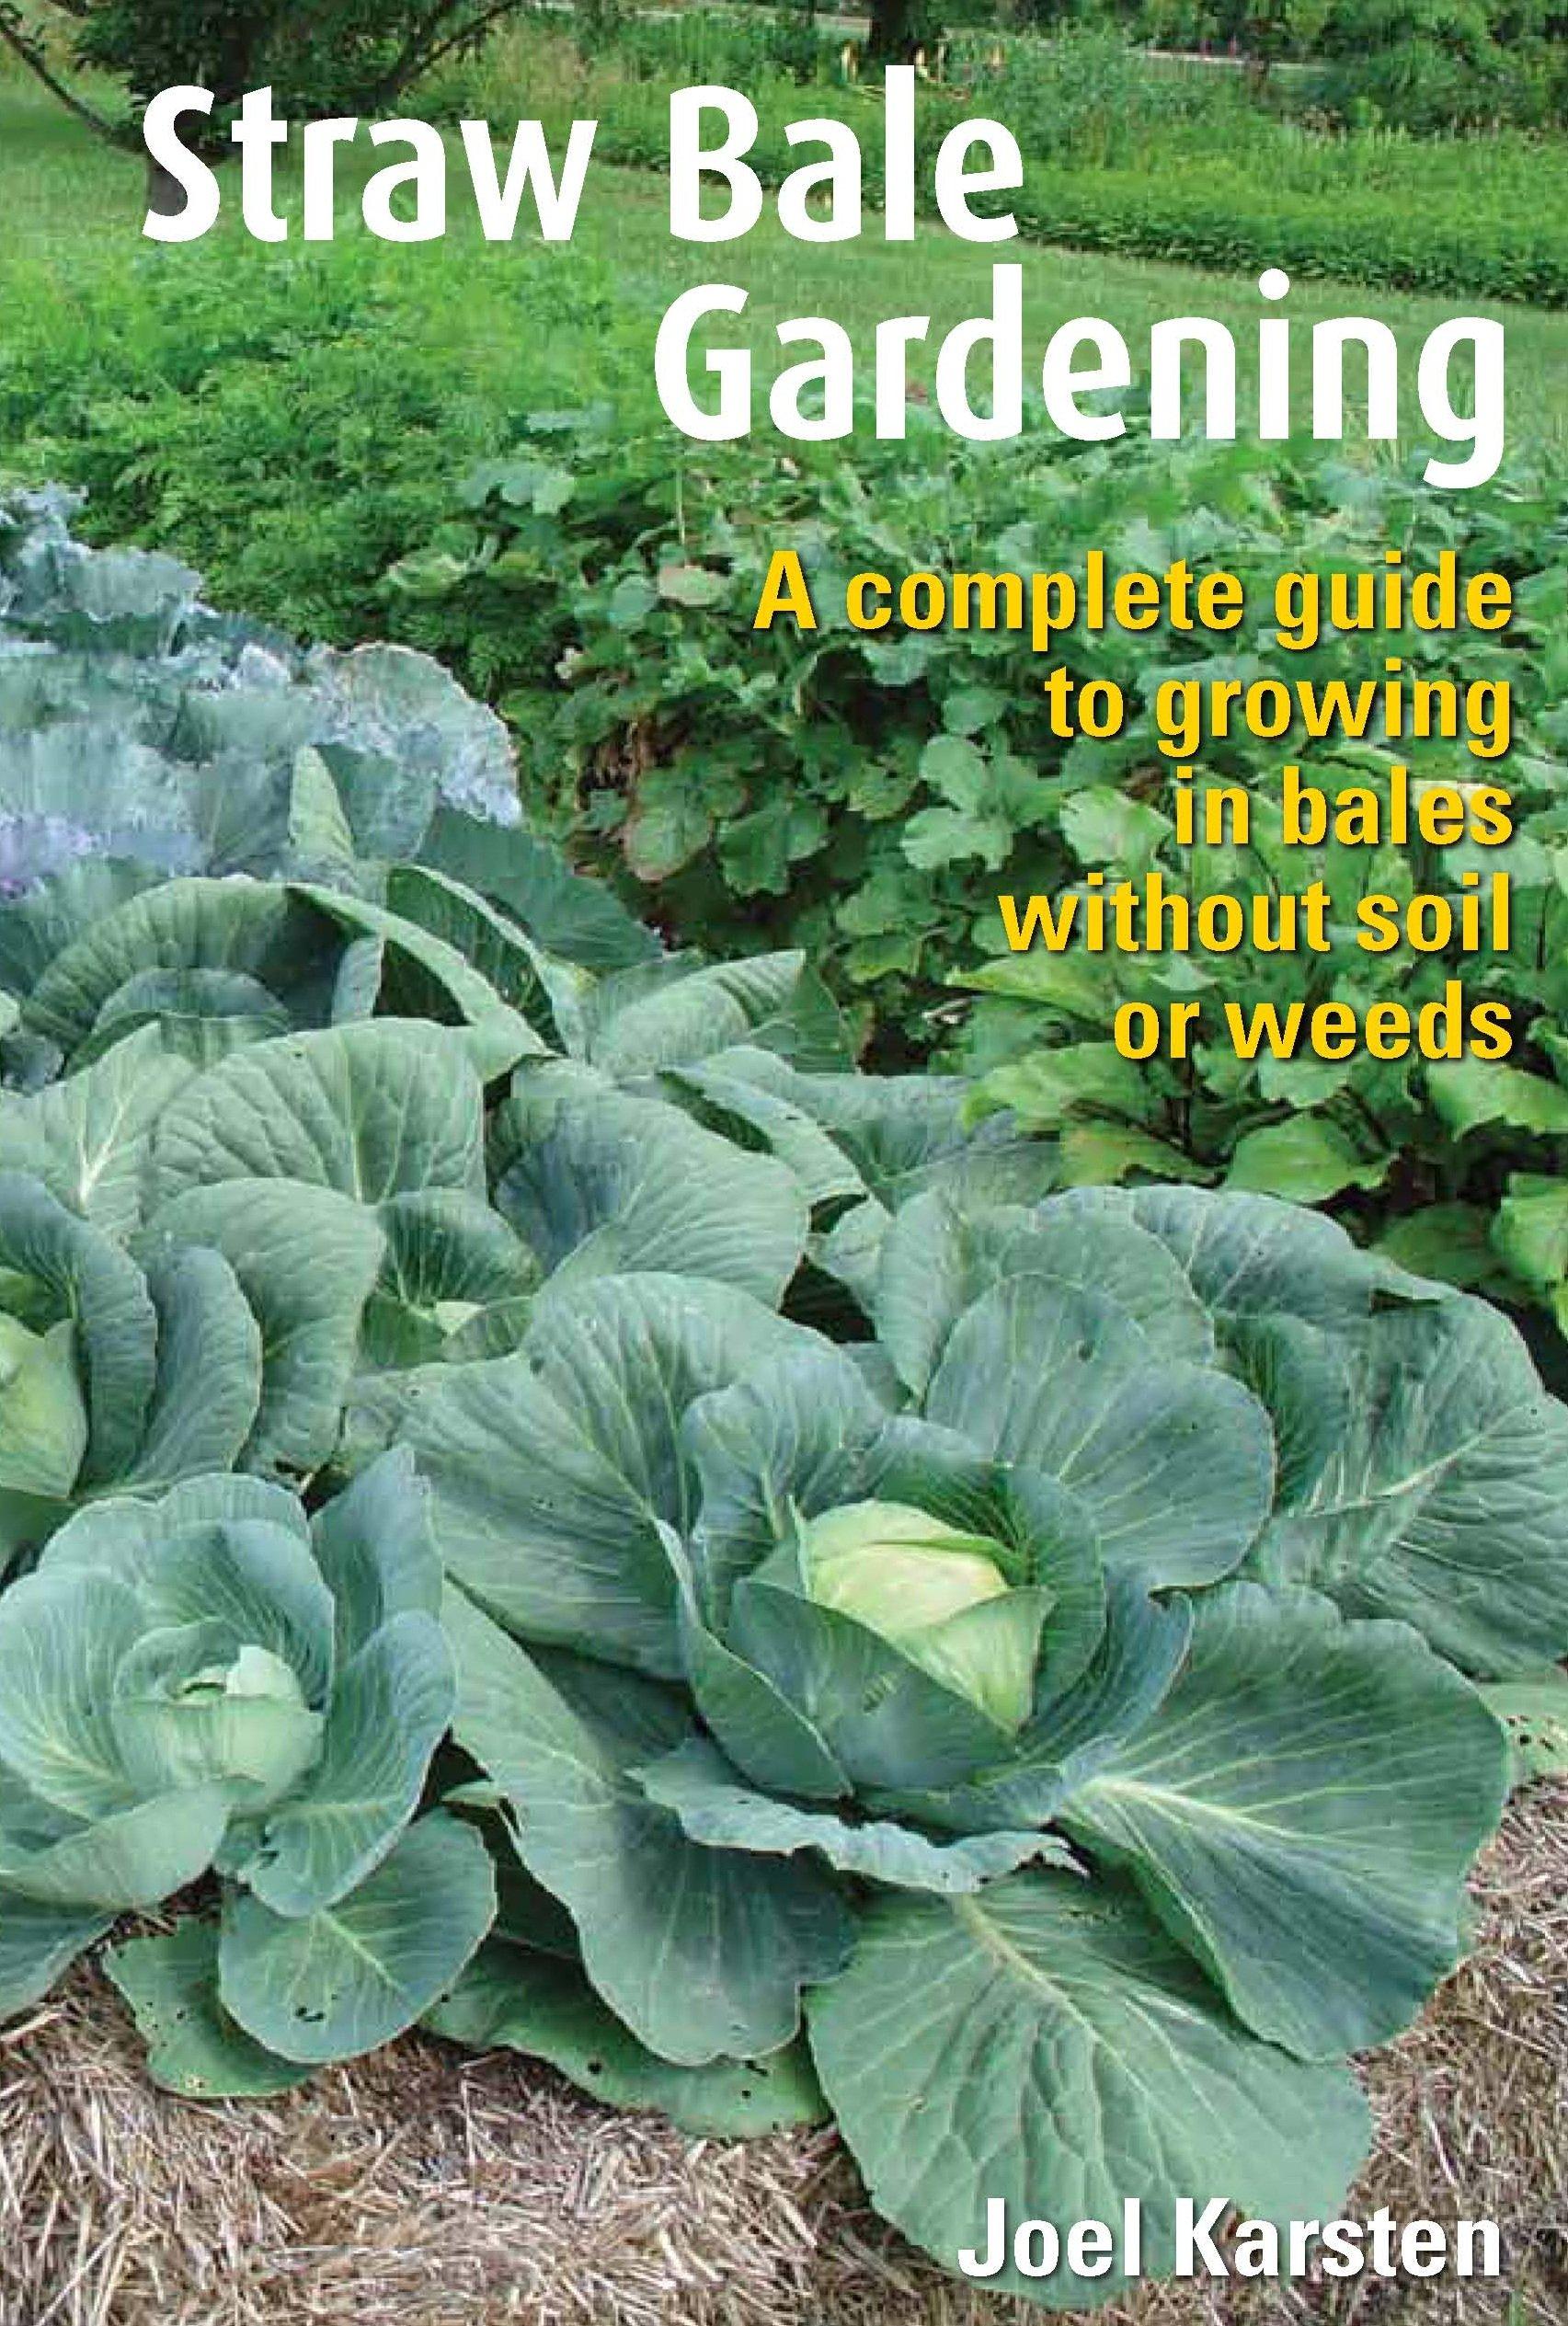 Straw Bale Gardening Joel Karsten product image